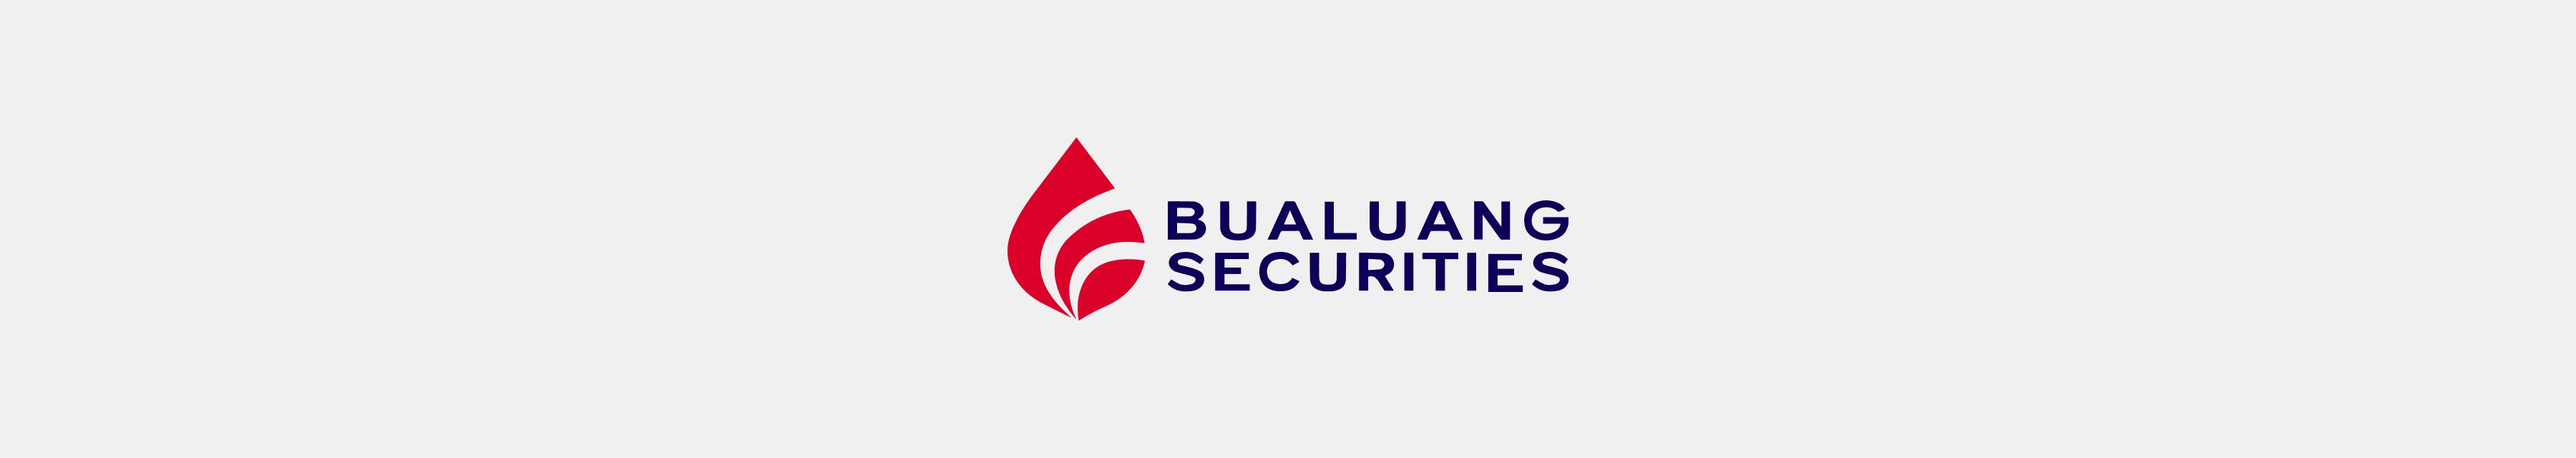 Bualuang Securities